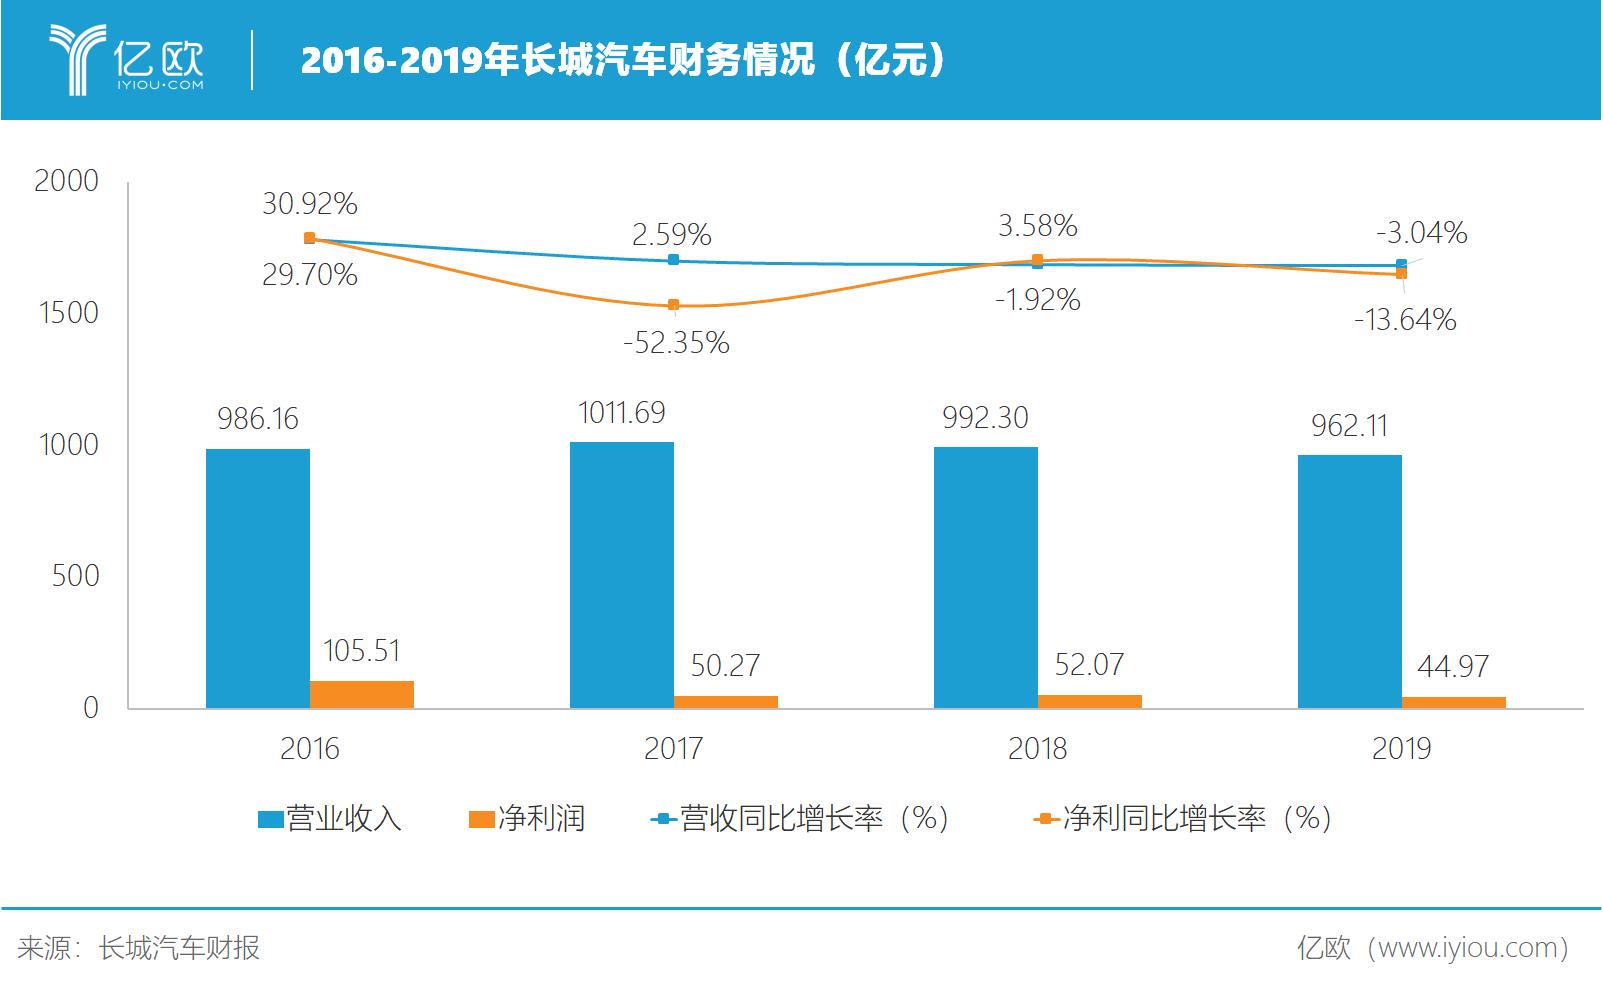 2016-2019年长城汽车财务情况(亿元)